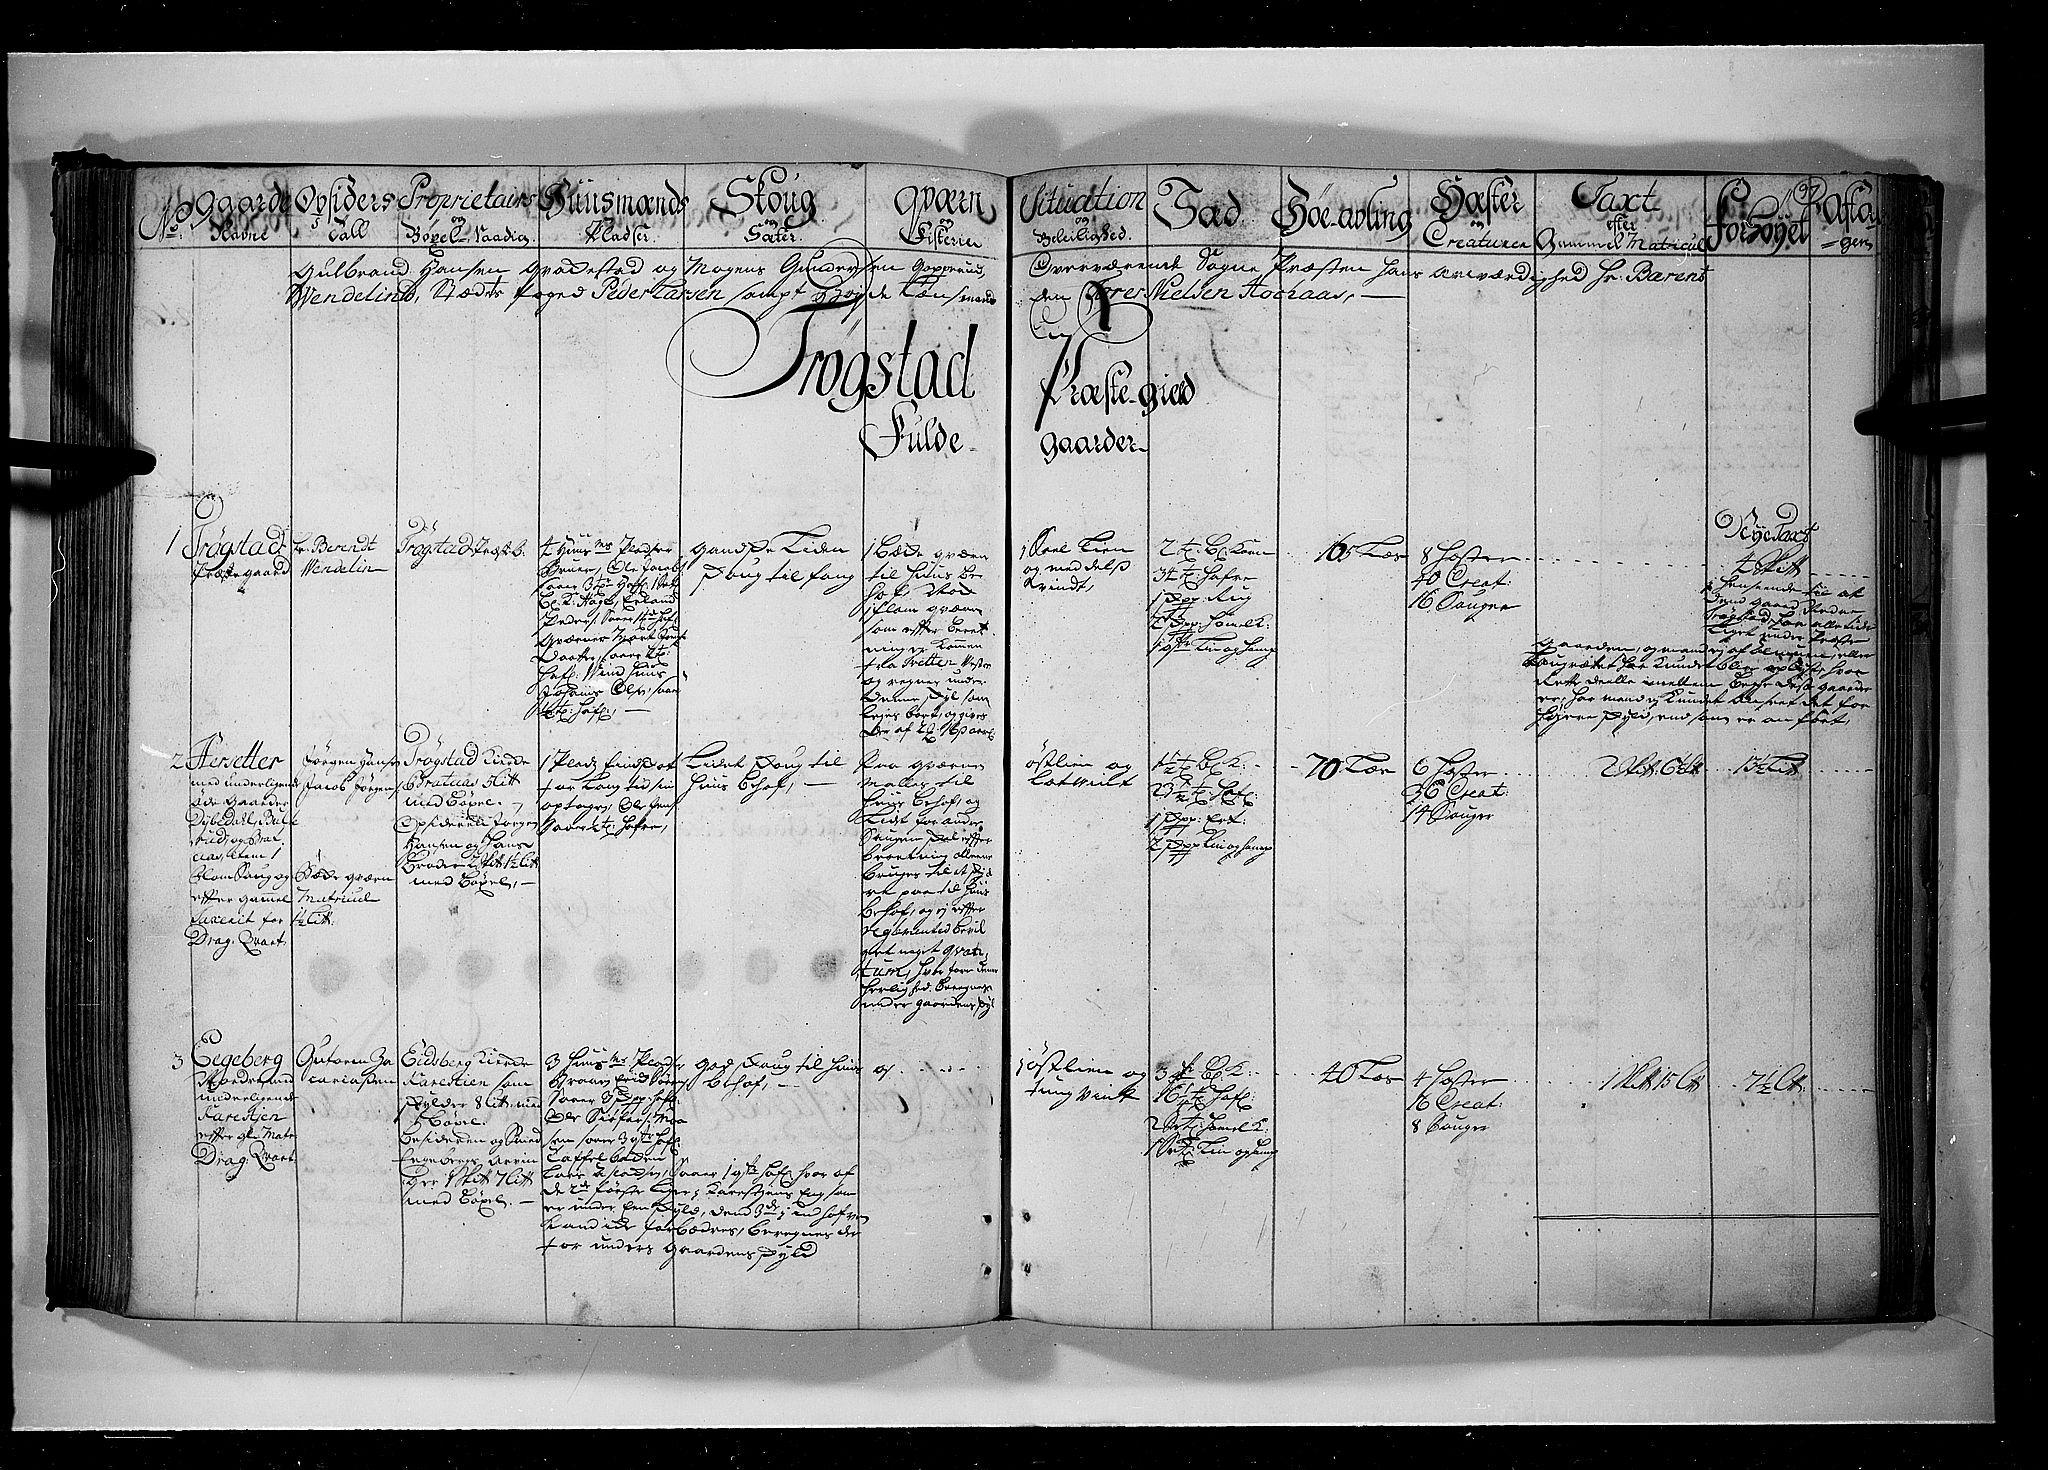 RA, Rentekammeret inntil 1814, Realistisk ordnet avdeling, N/Nb/Nbf/L0099: Rakkestad, Heggen og Frøland eksaminasjonsprotokoll, 1723, s. 96b-97a